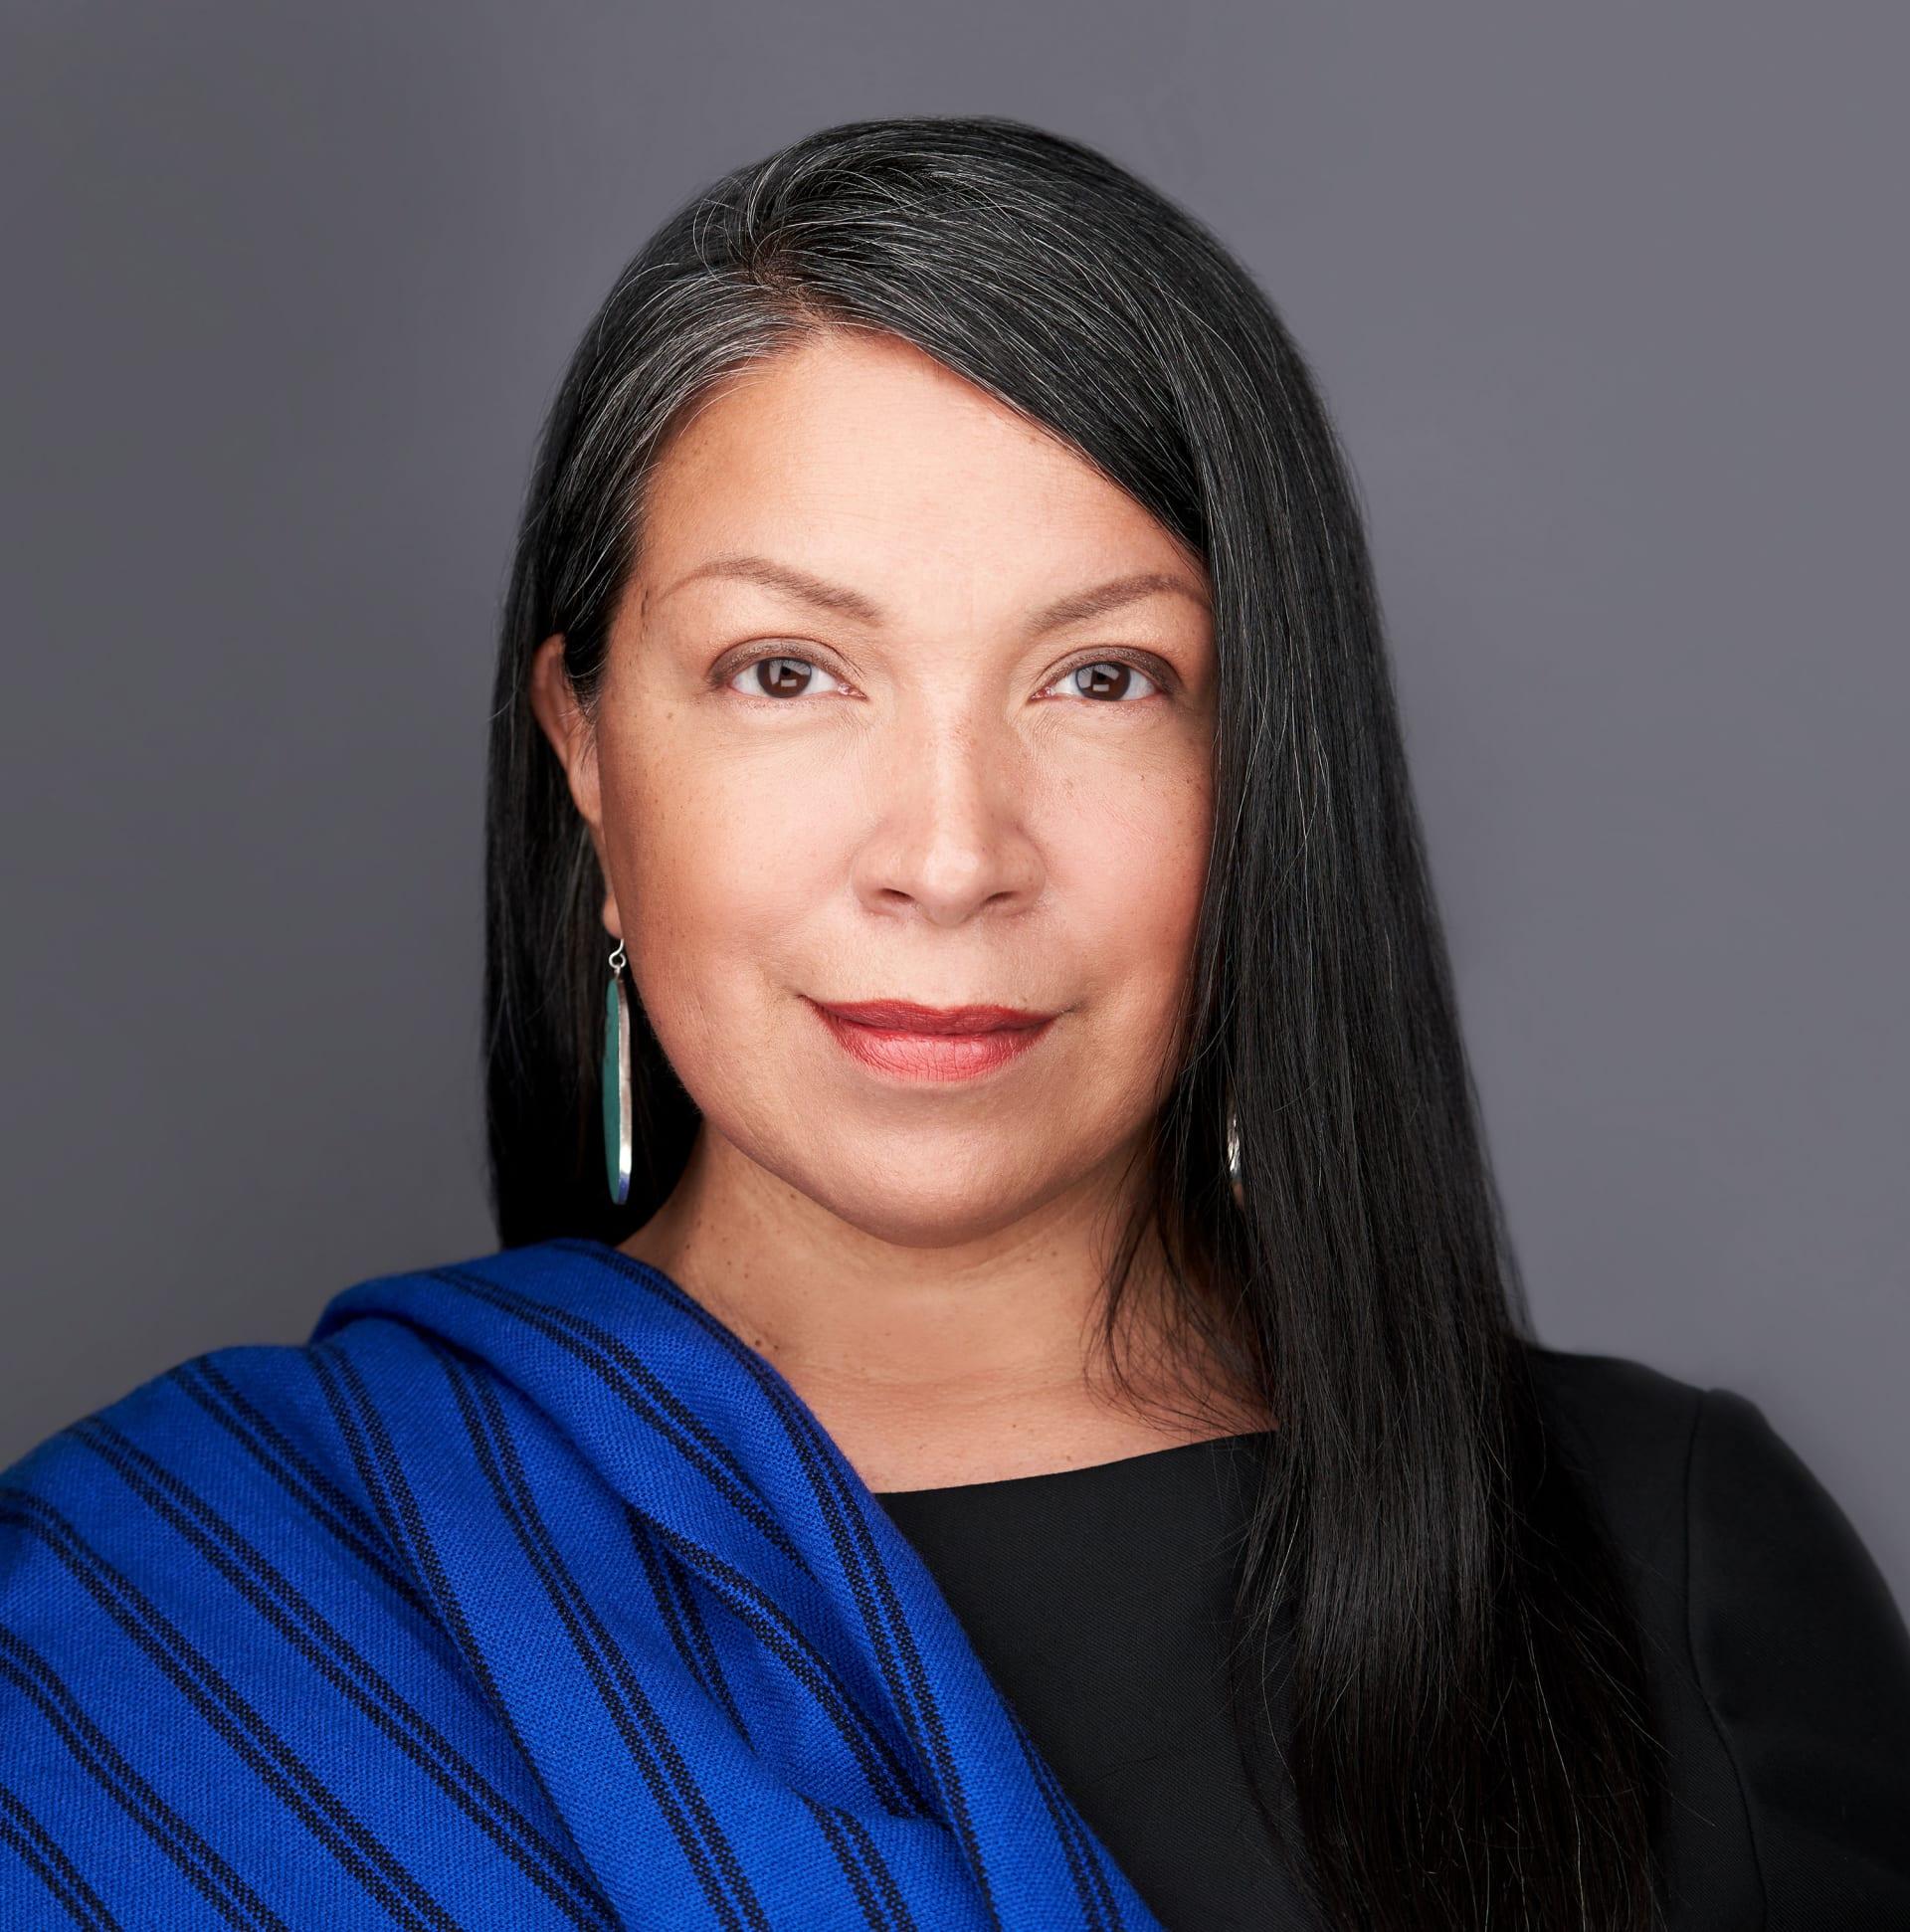 الدكتورة باتريشيا ماروكين نوربي